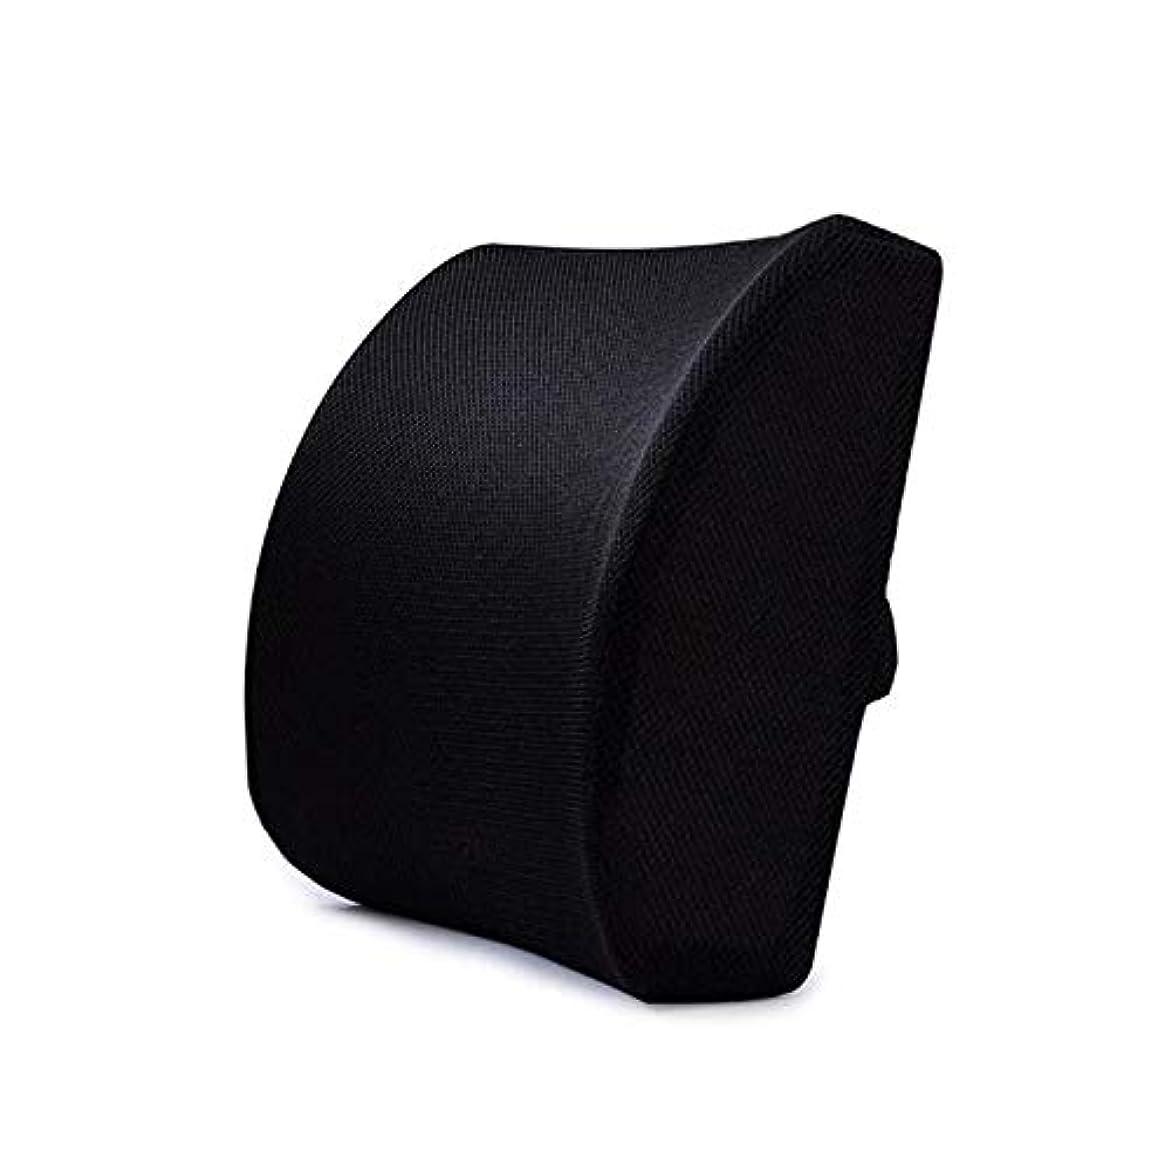 アレルギー性チューブシリアルLIFE ホームオフィス背もたれ椅子腰椎クッションカーシートネック枕 3D 低反発サポートバックマッサージウエストレスリビング枕 クッション 椅子